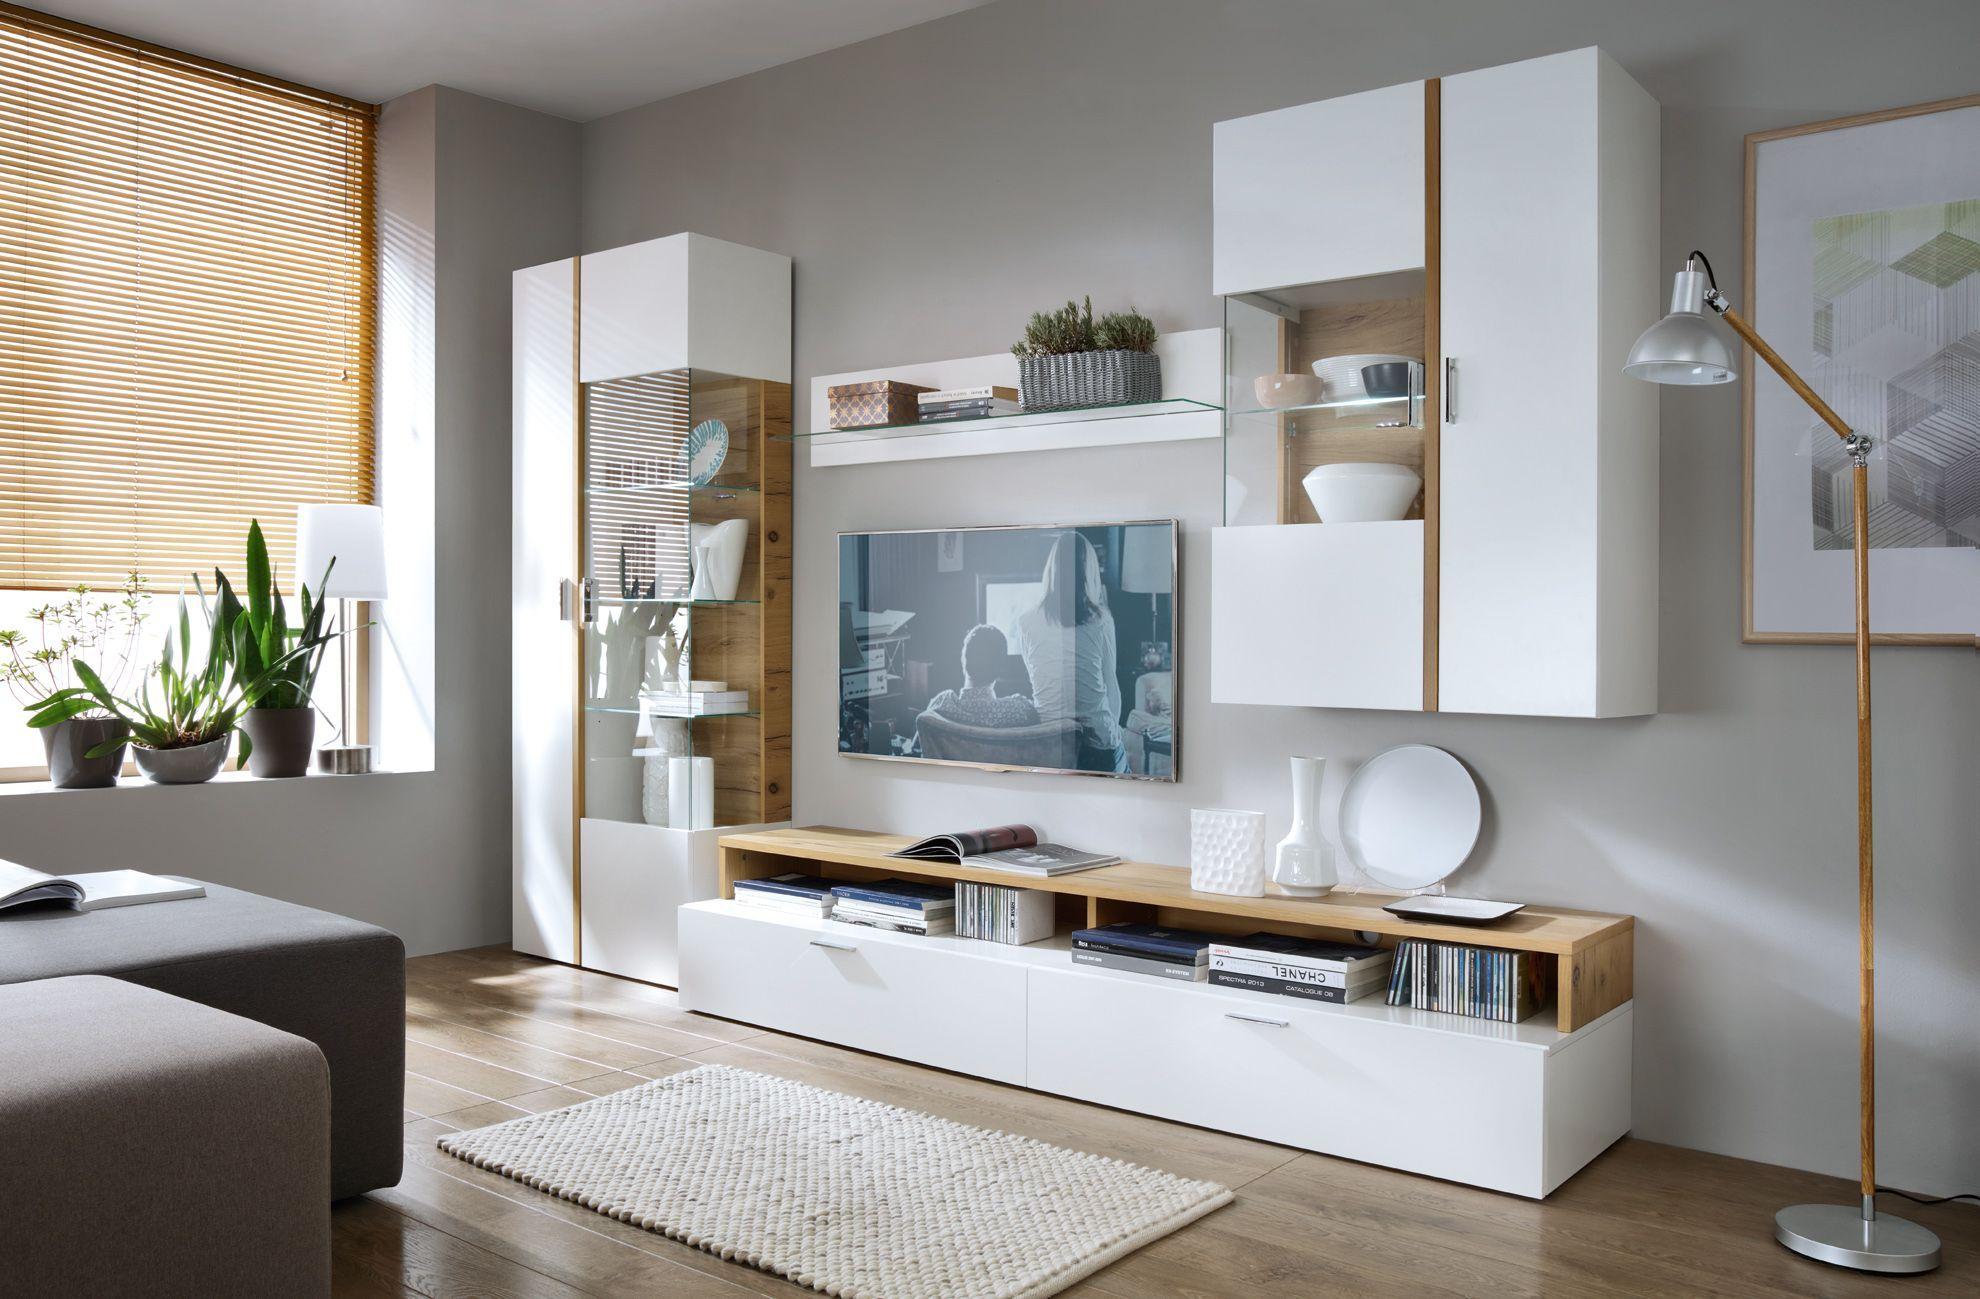 wohnwand nussbaum furniert, wohnwand weiss lackiert mit absetzung in eiche furniert woody 19, Design ideen